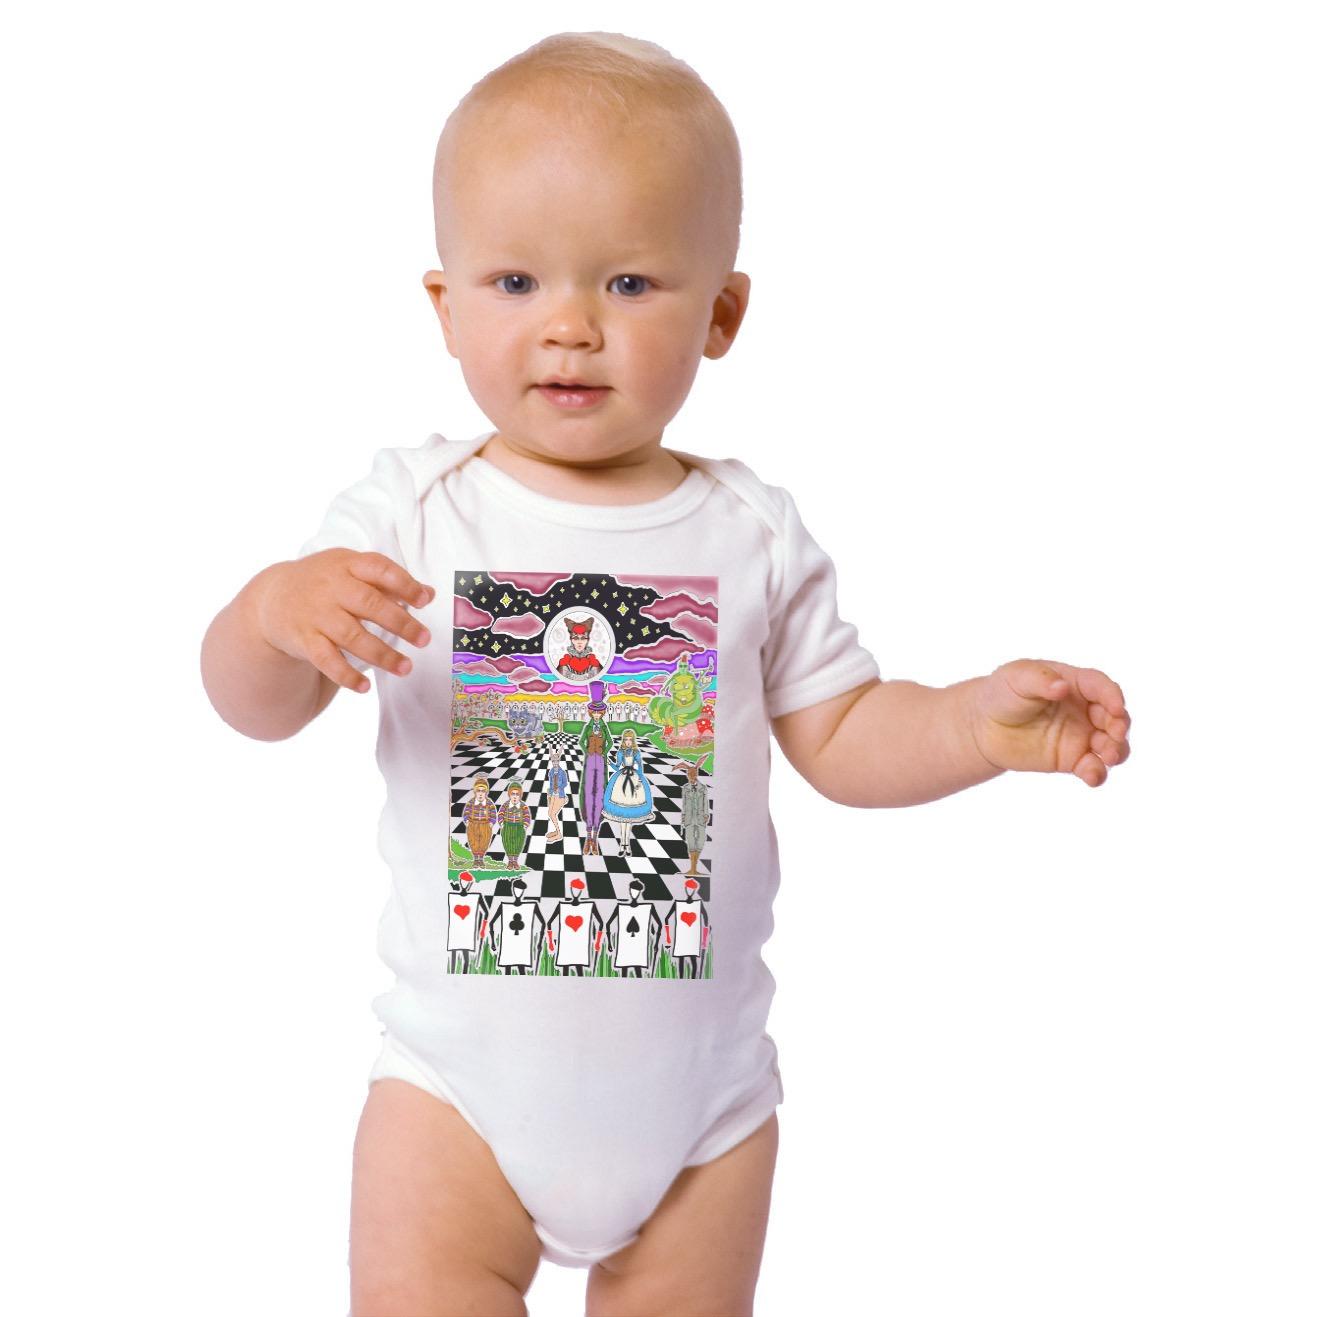 Baby-Onesie copy 13.jpg